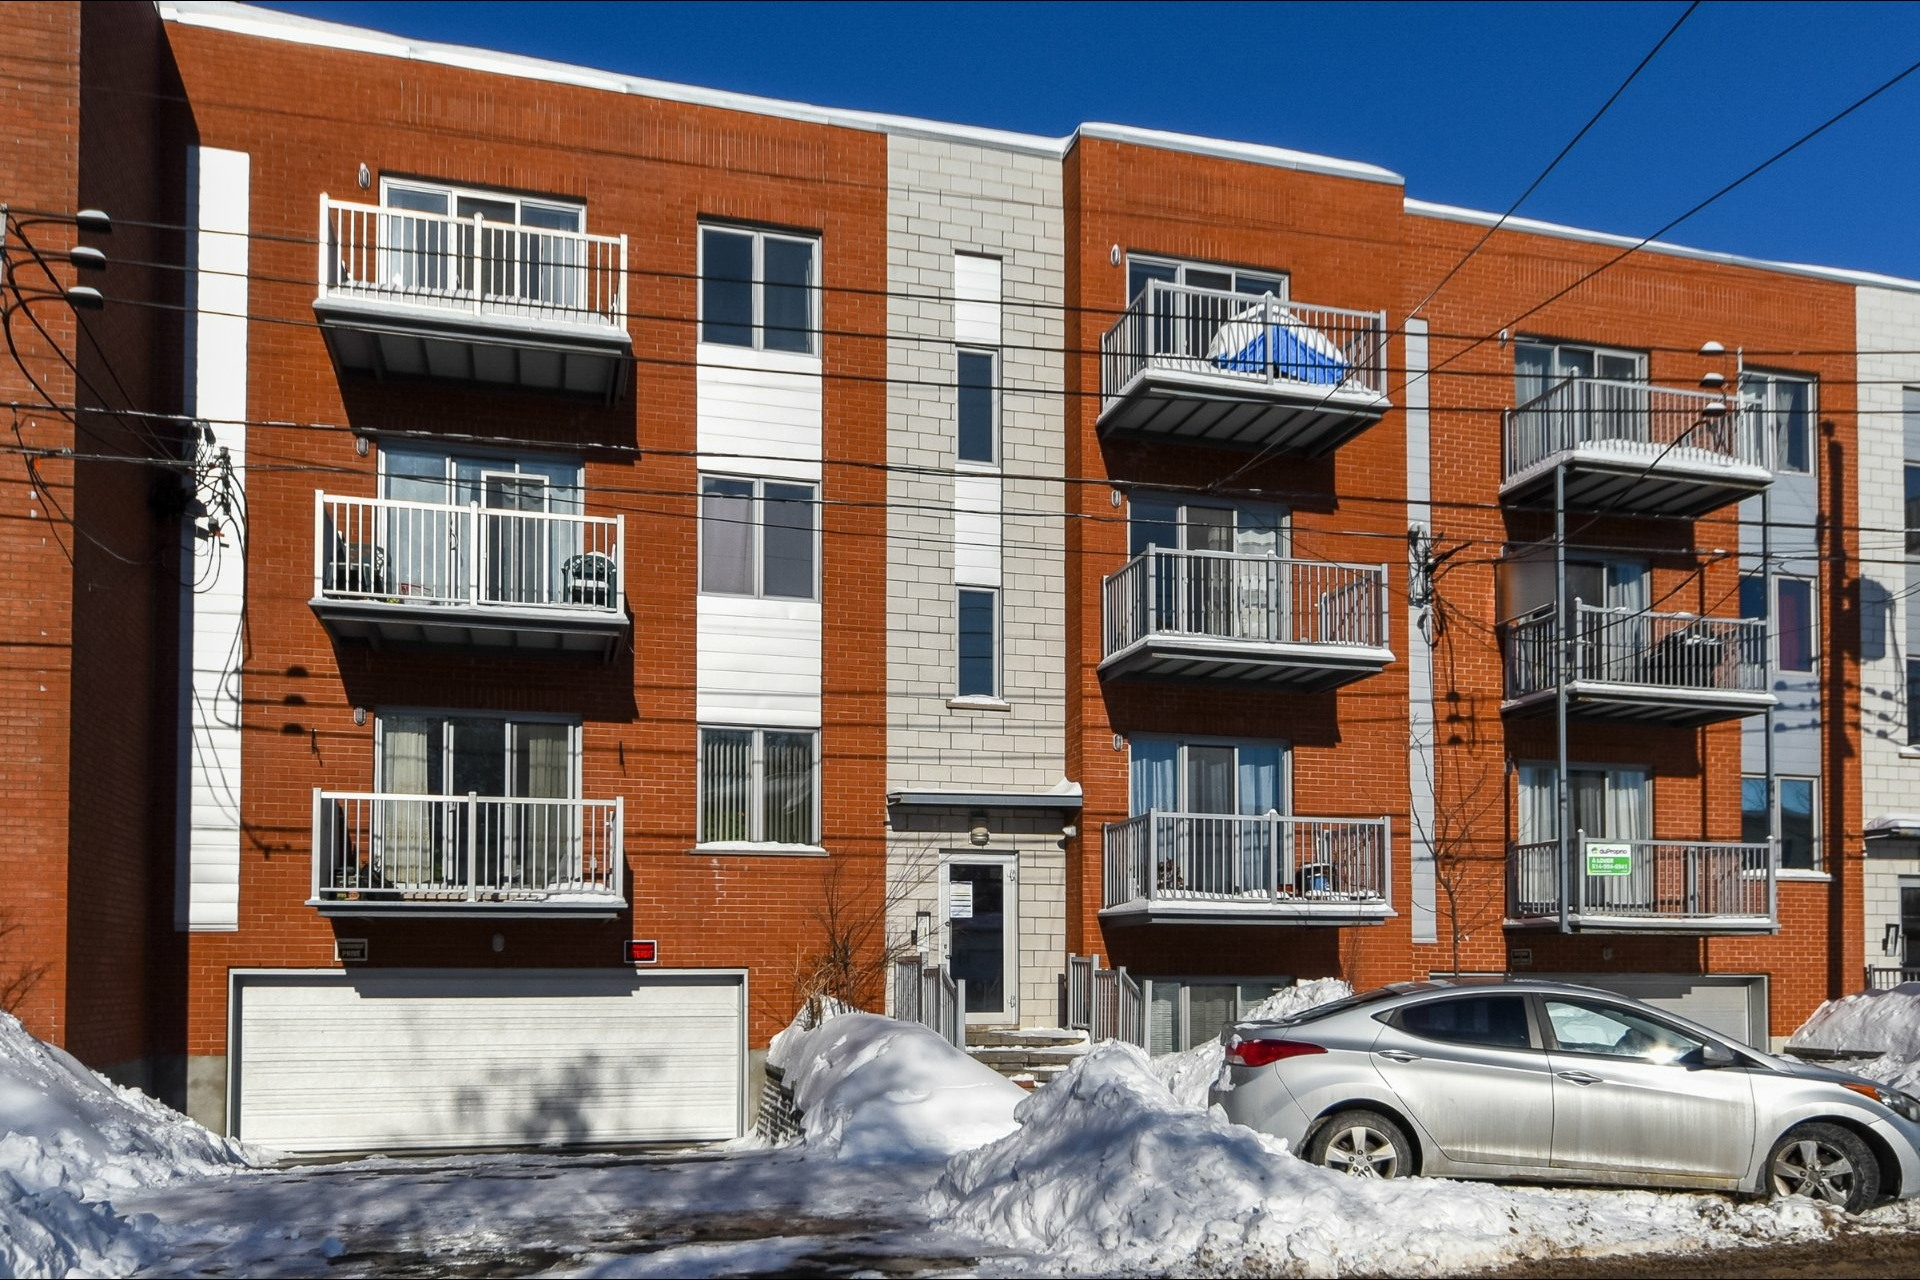 image 20 - Appartement À vendre Villeray/Saint-Michel/Parc-Extension Montréal  - 5 pièces